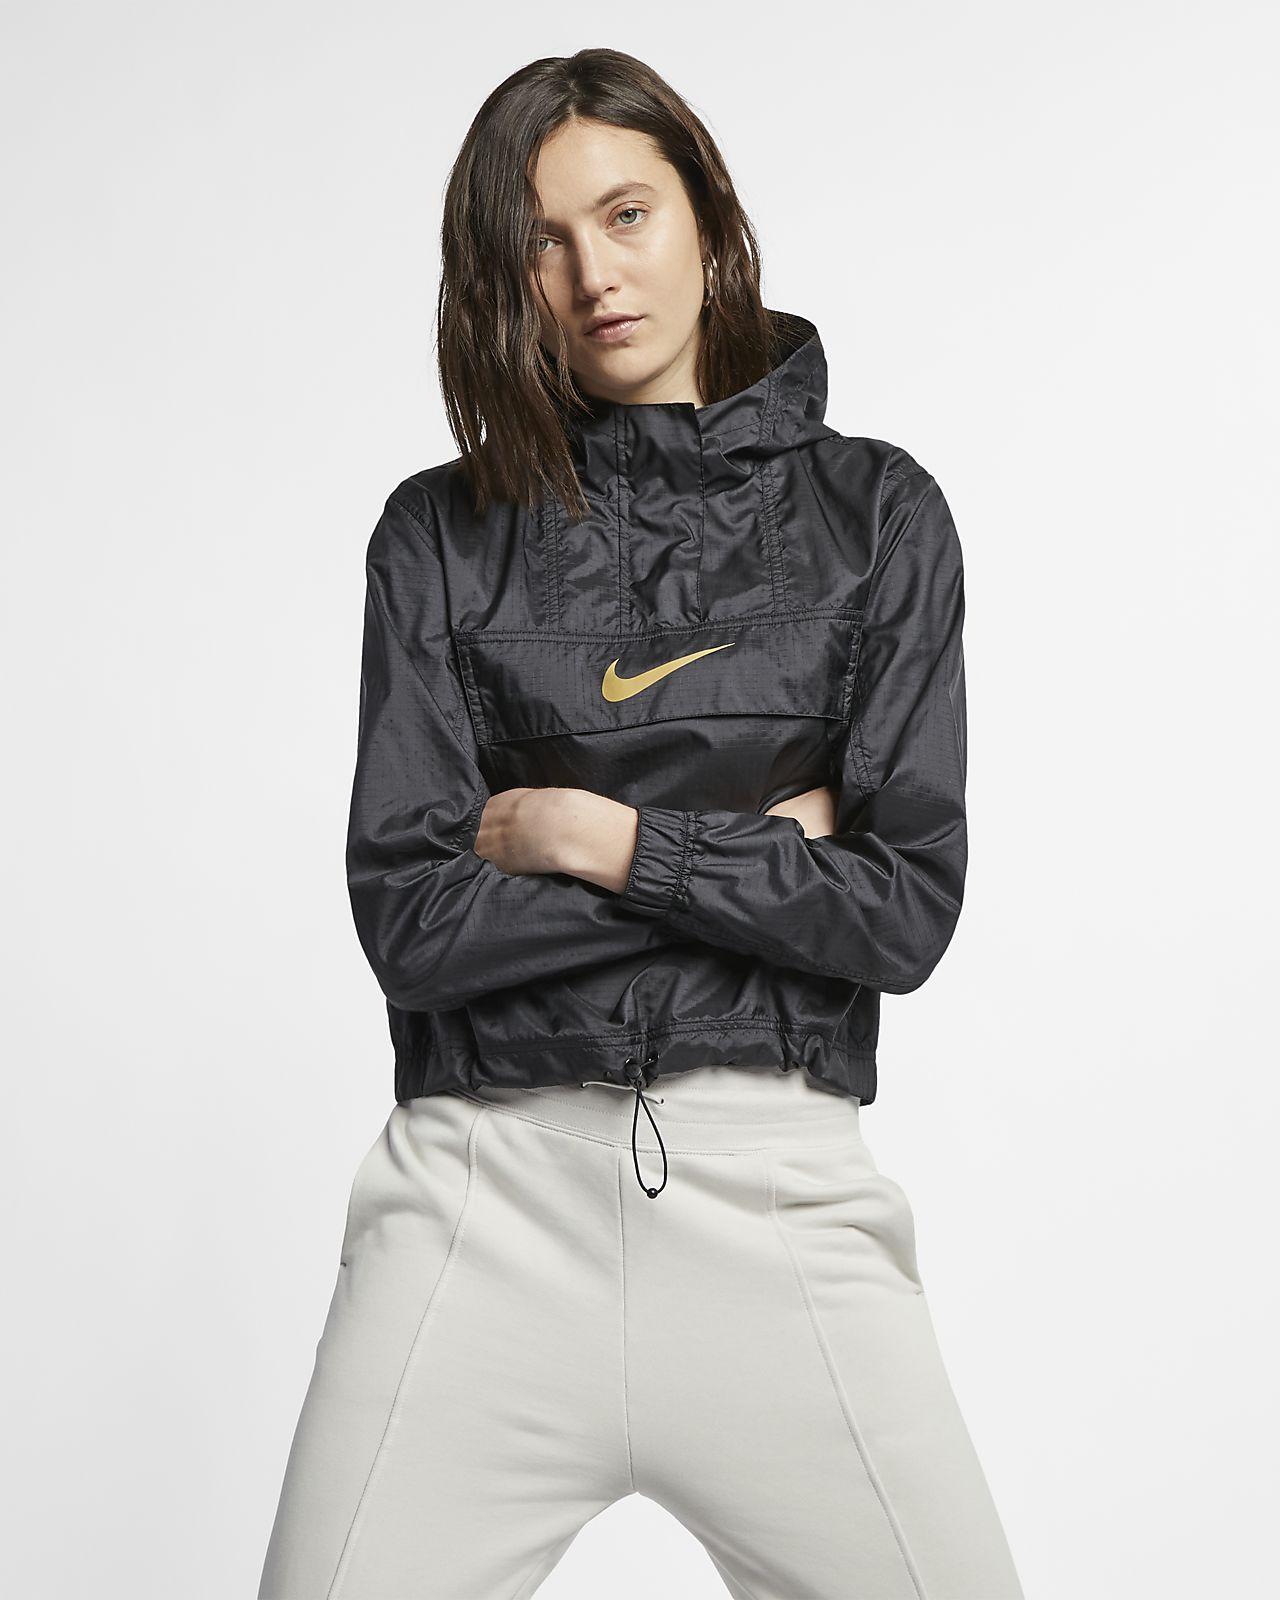 Nike Sportswear Animal Print Women's Lightweight Windbreaker